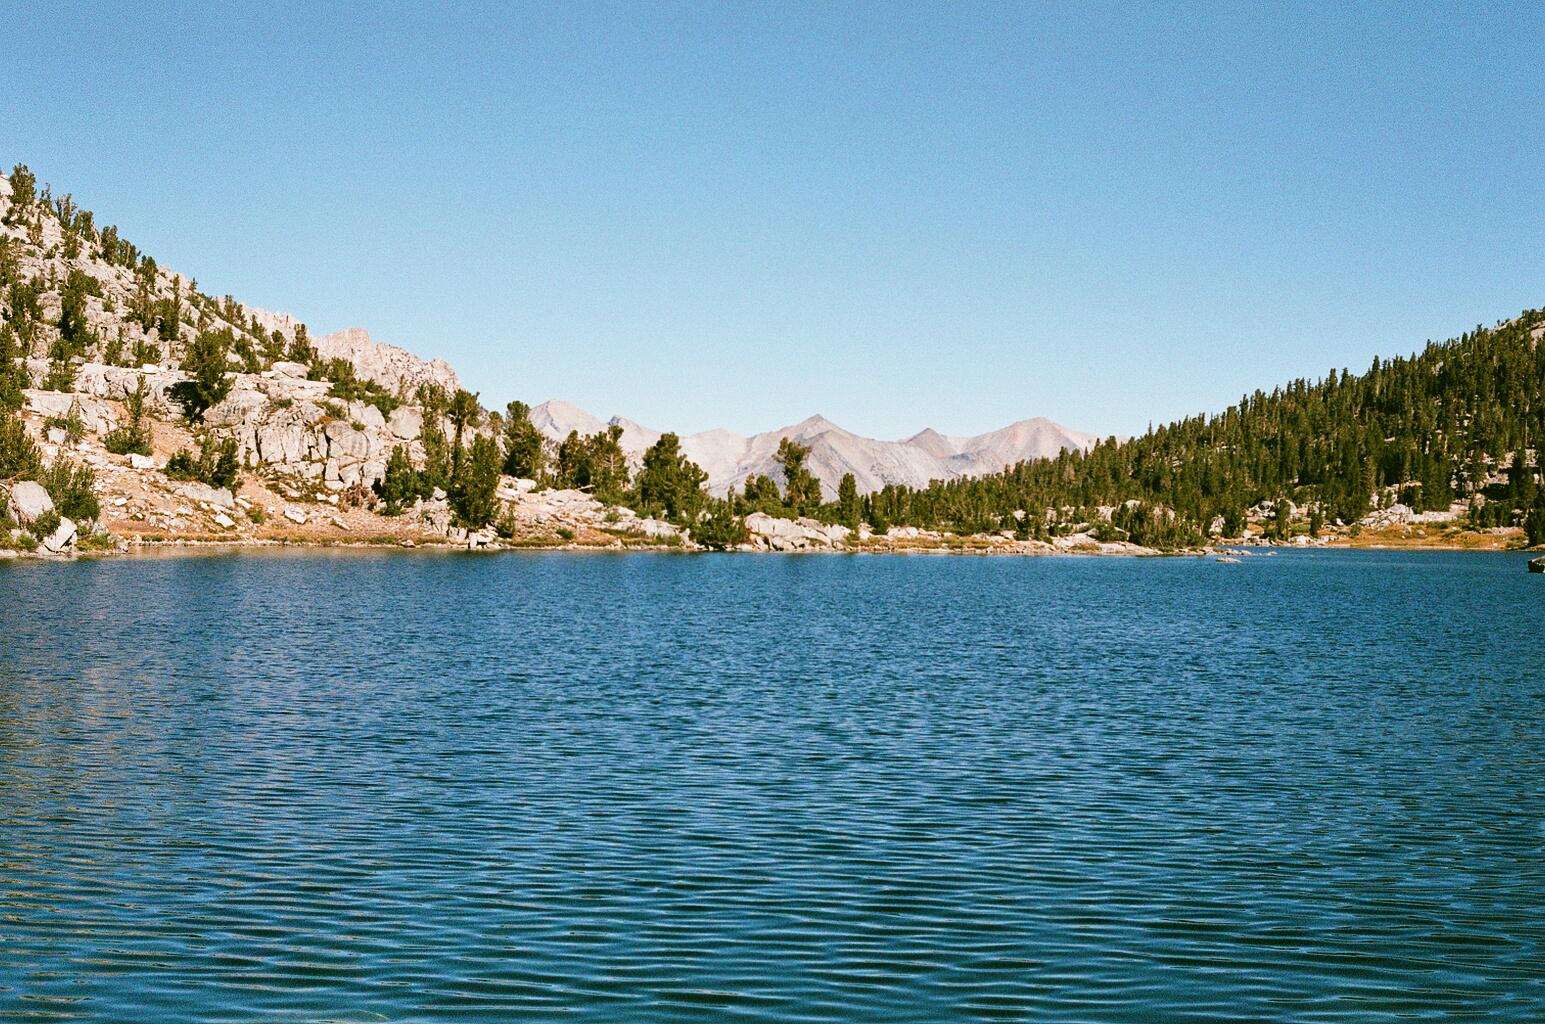 Middle Rae Lake